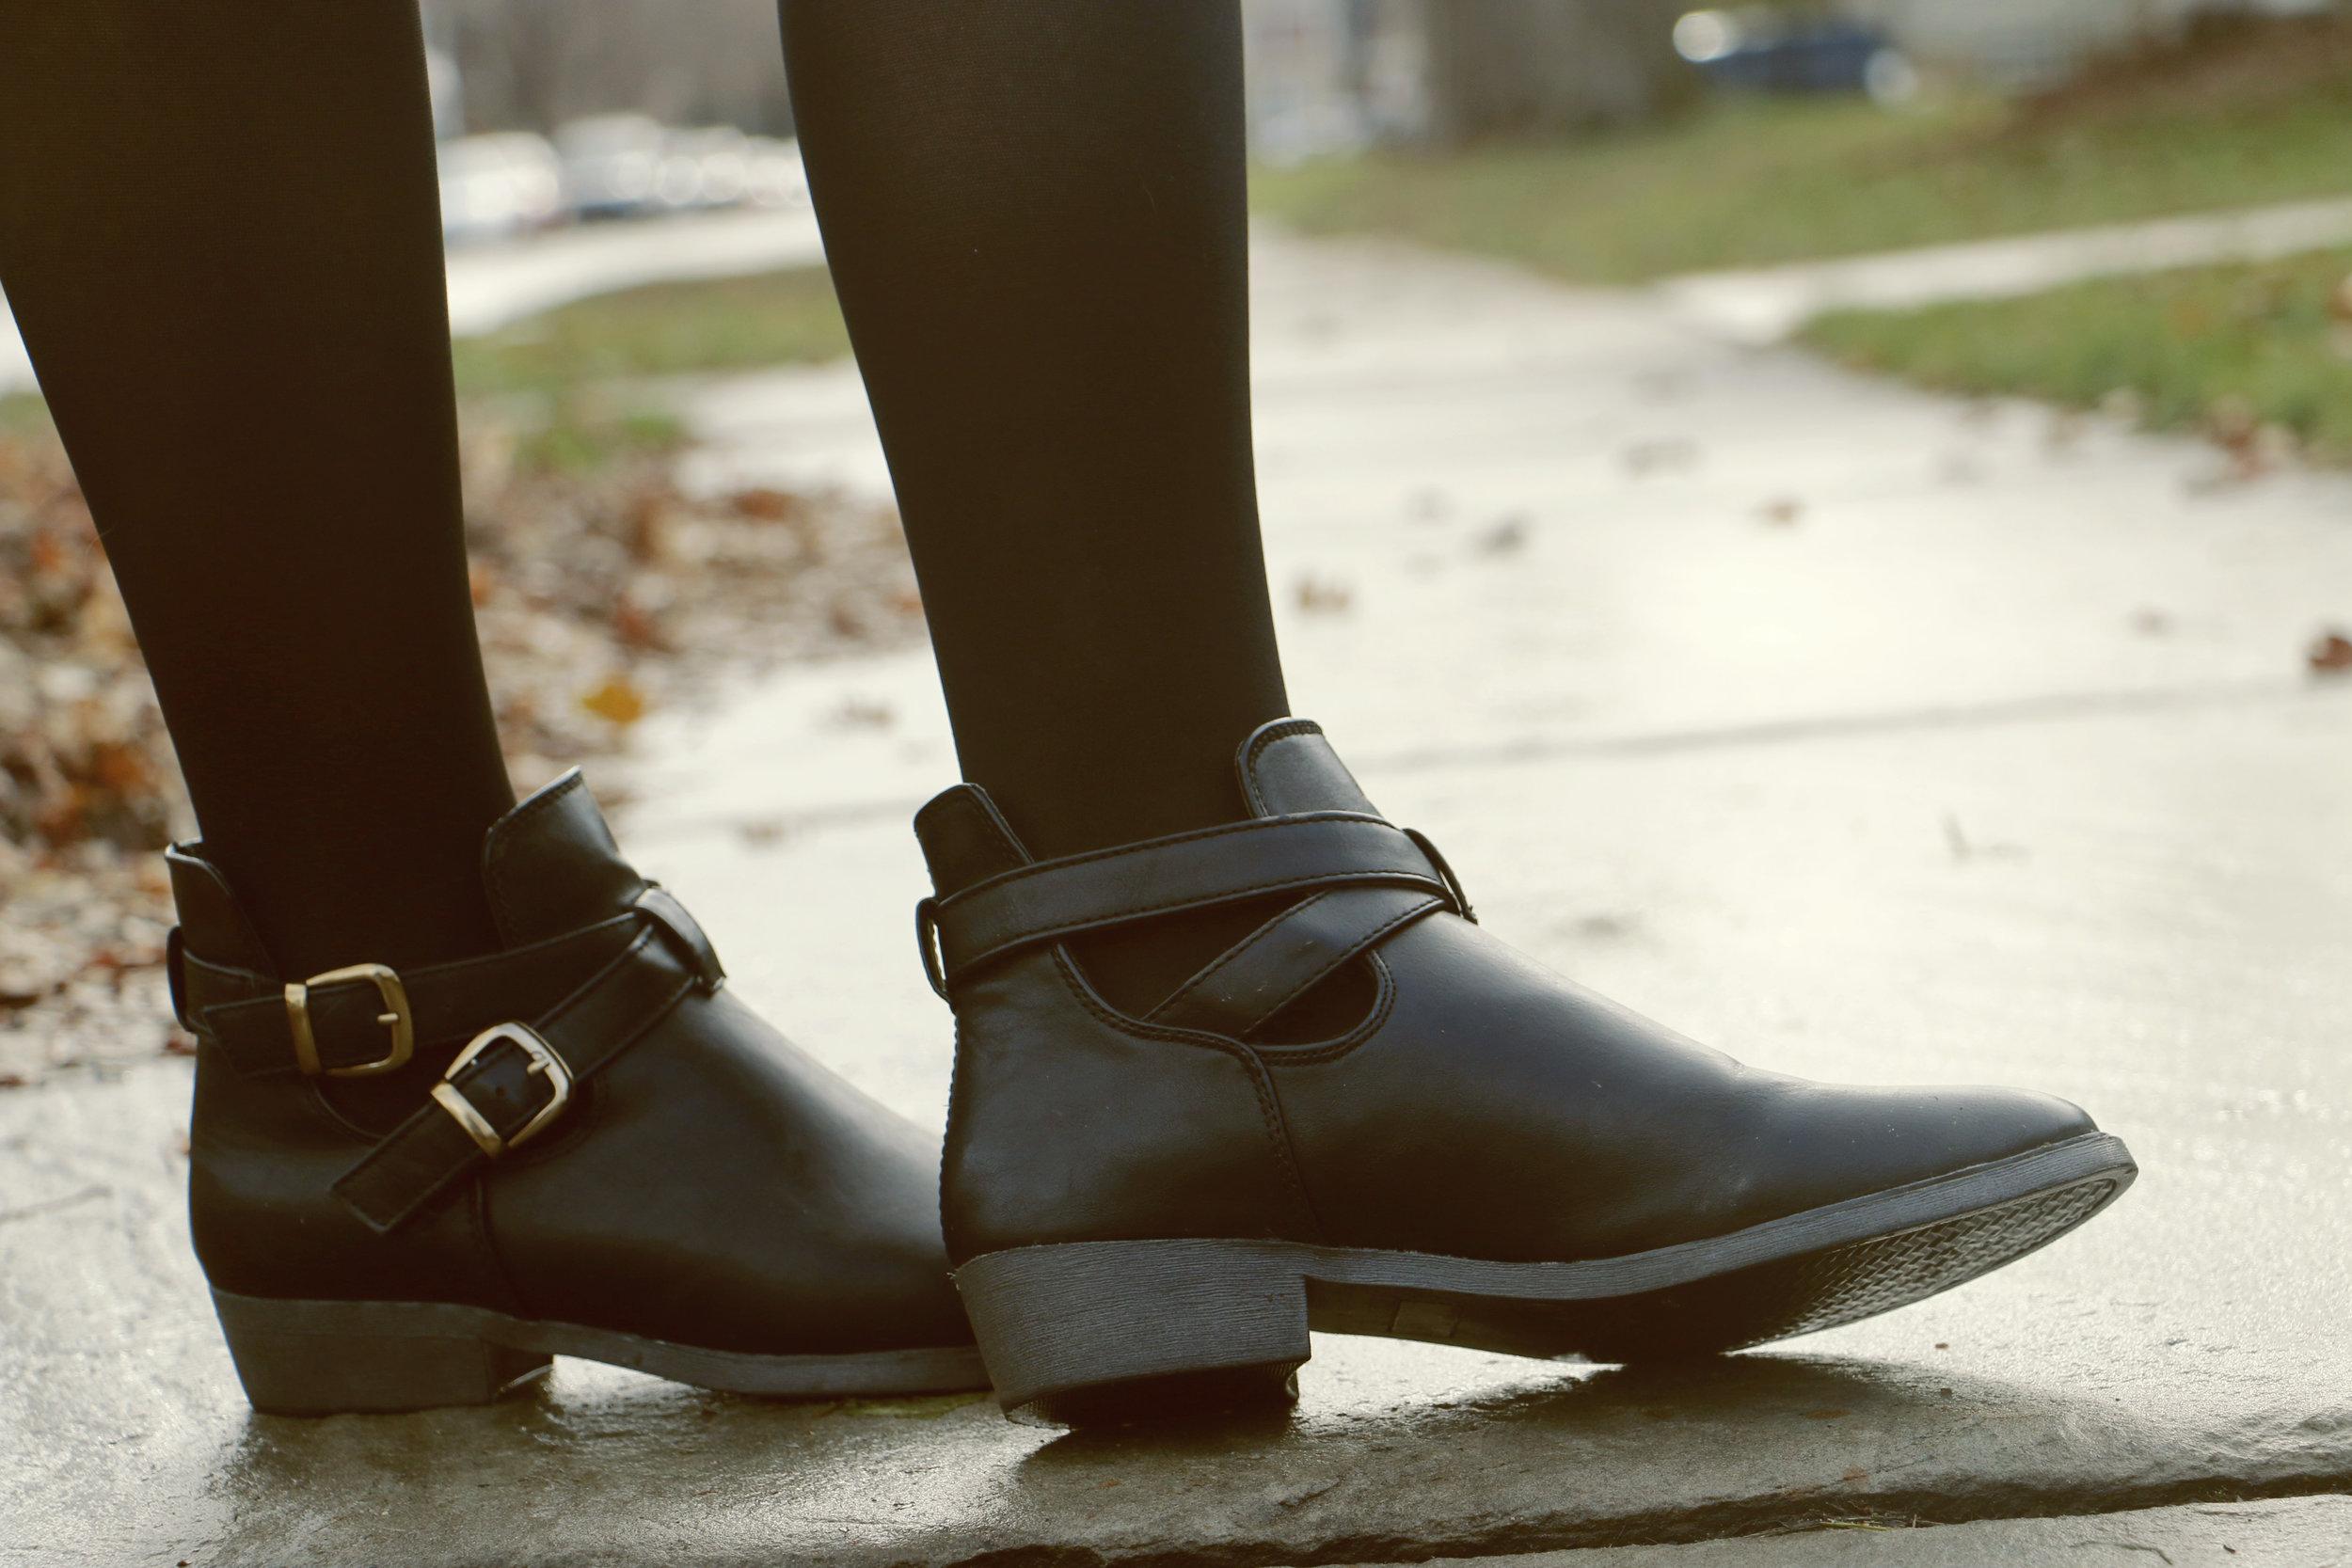 maliqi.blog.plaid.shoes.2.jpg